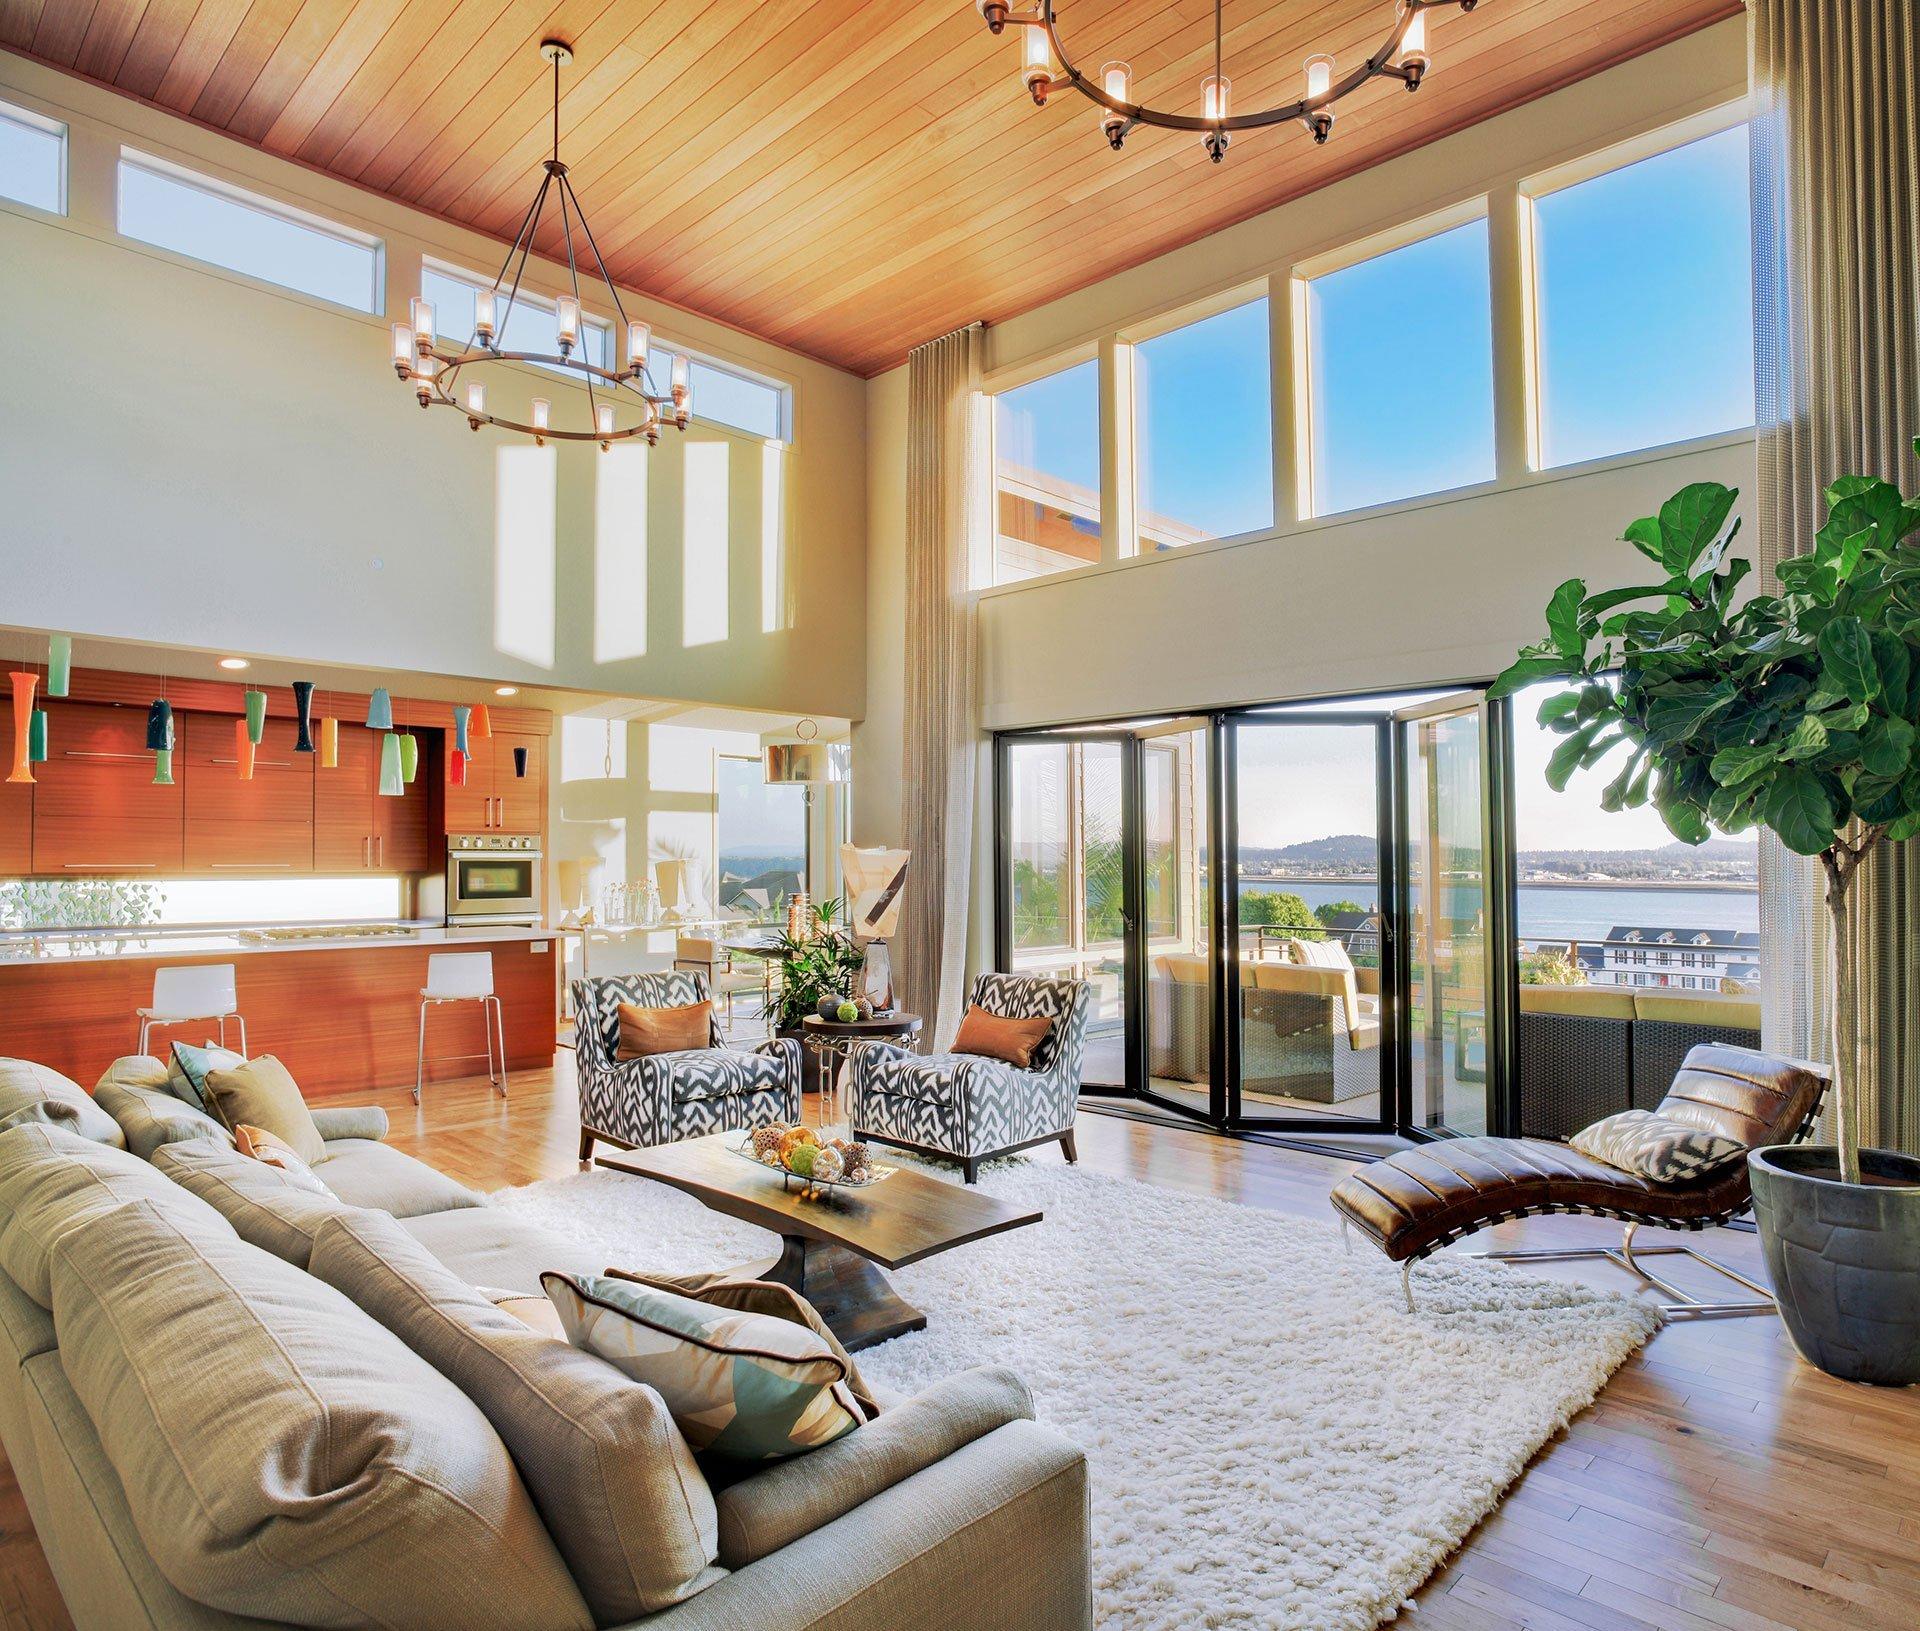 living room overlooking waterway